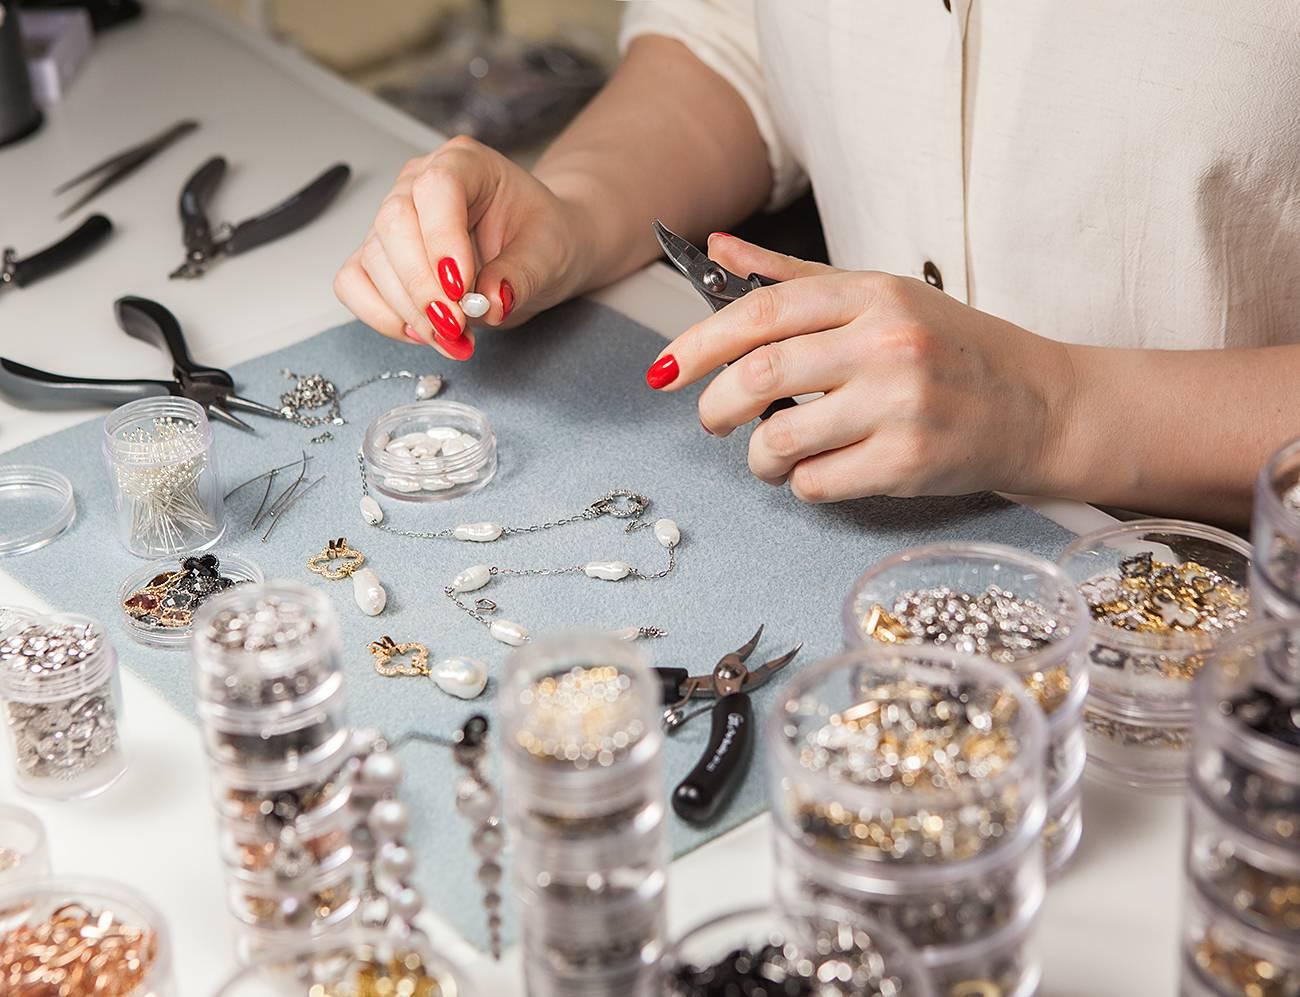 Создание ювелирных изделий как хобби